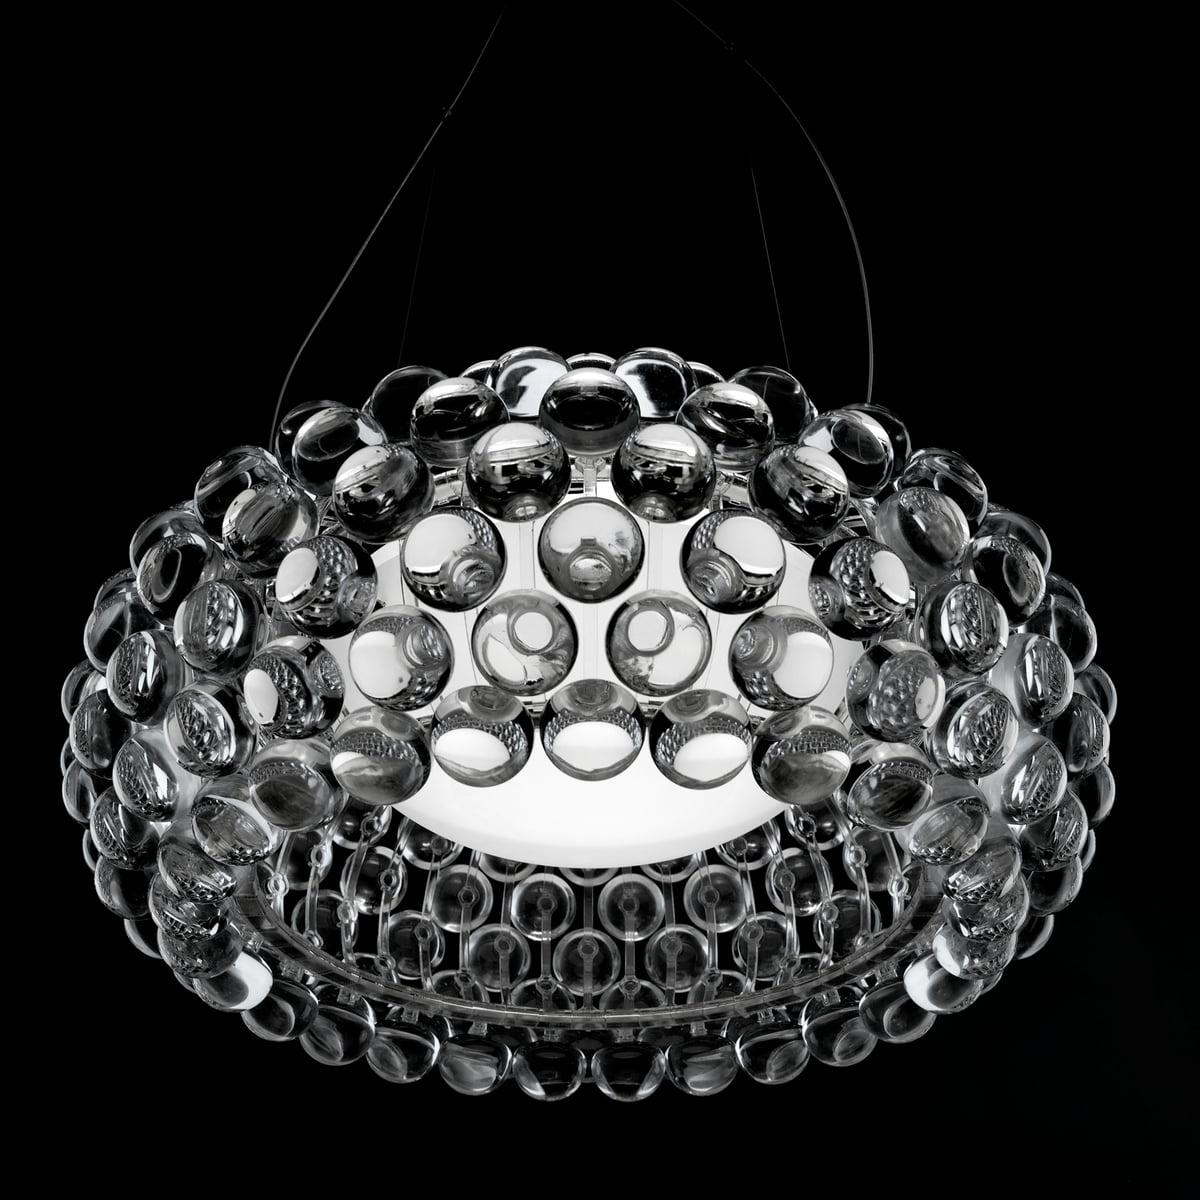 caboche pendant lamp by foscarini - foscarini  caboche pendant luminare transparent